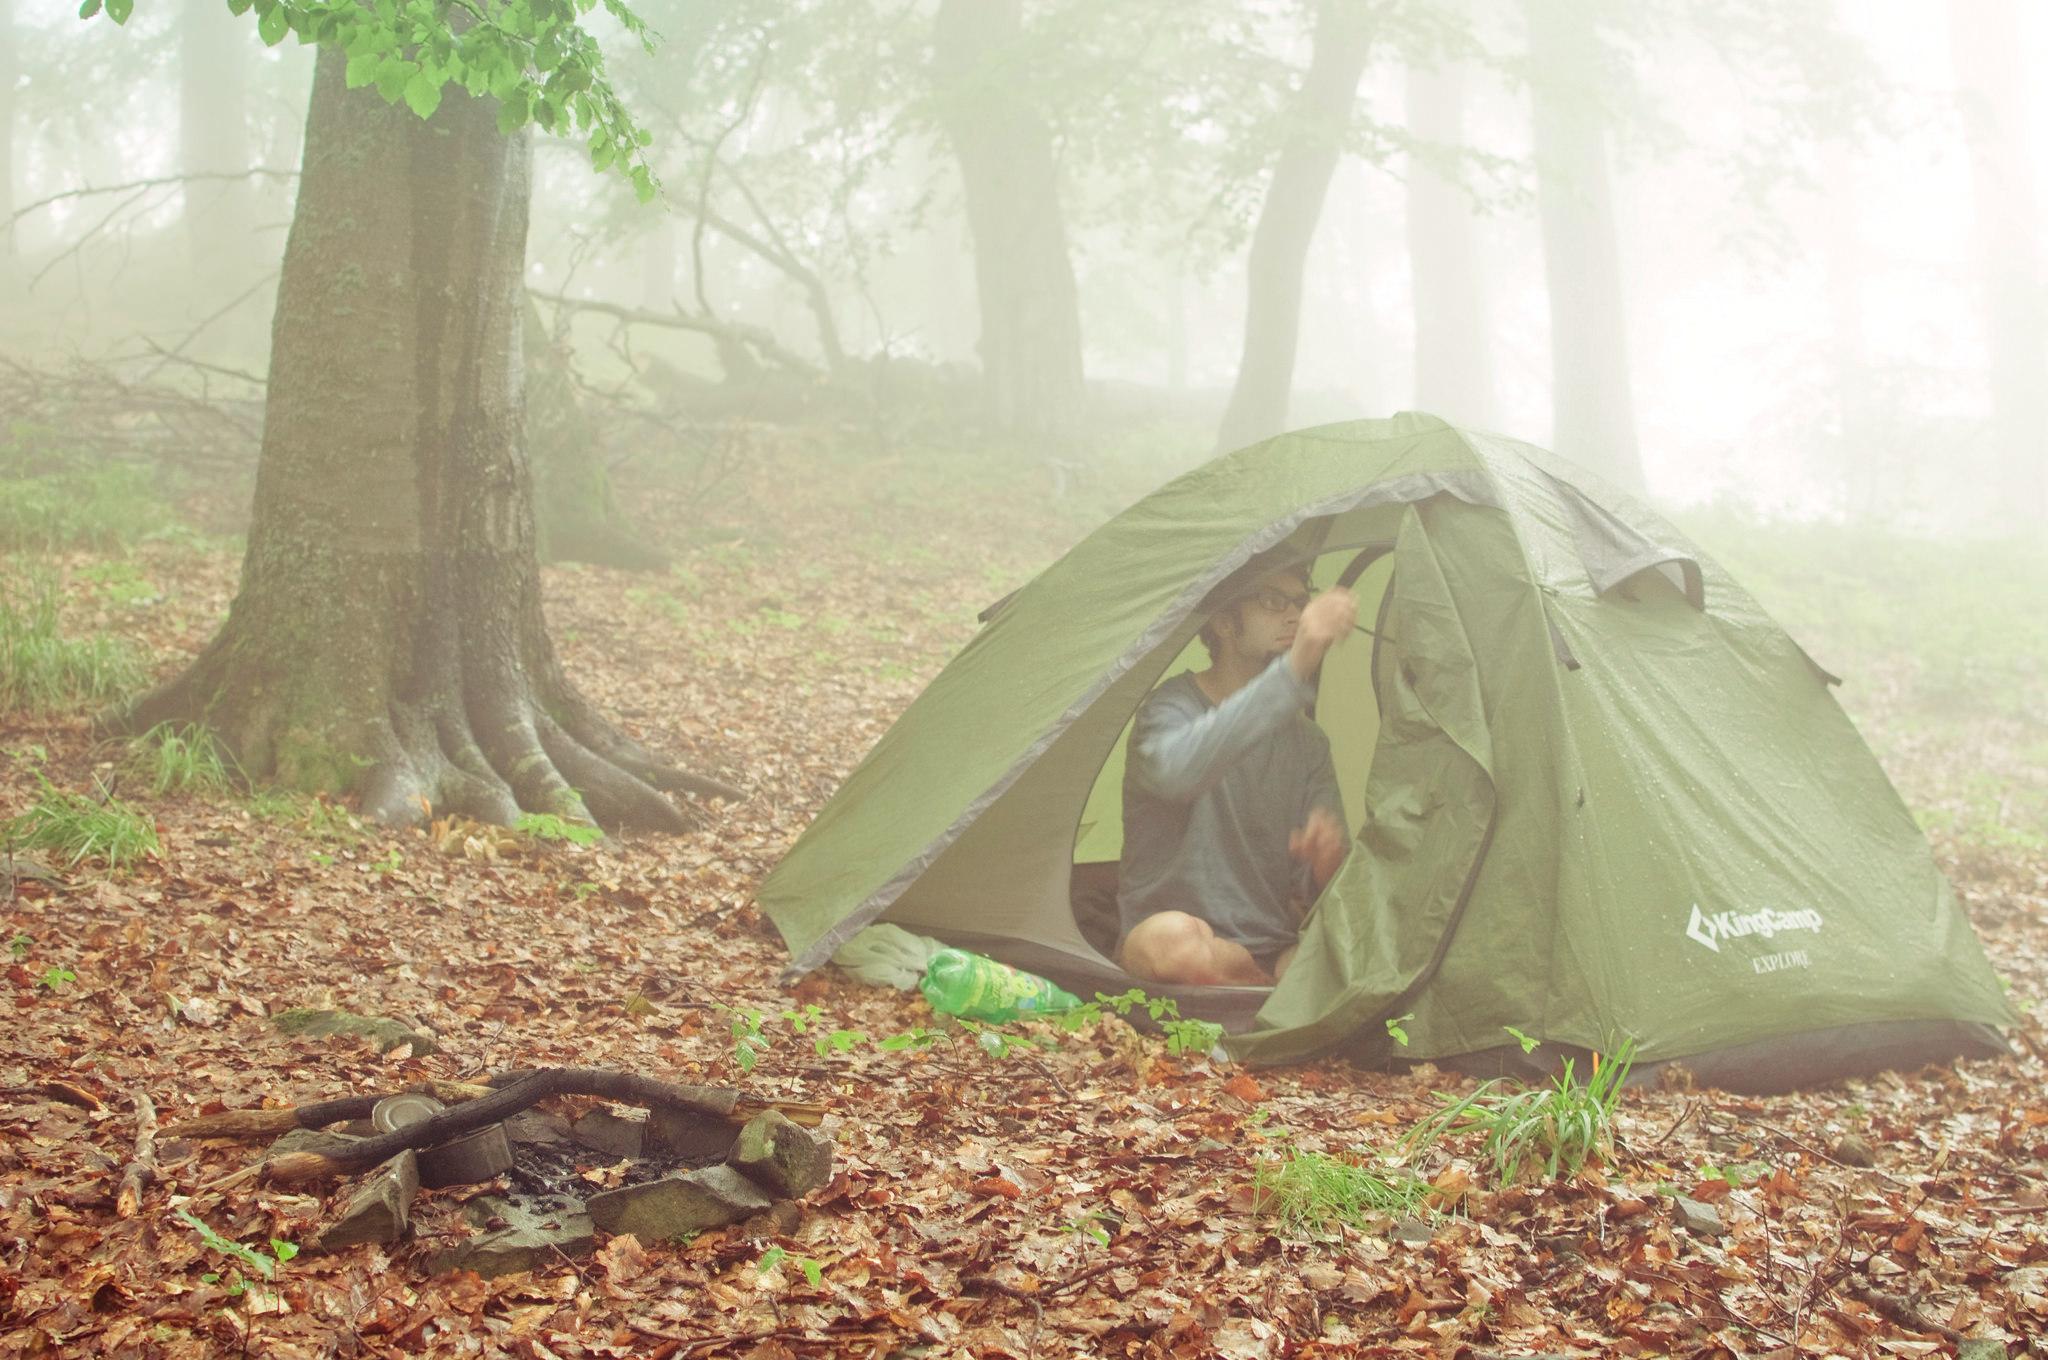 購入前に絶対知っておきたい!テントの選び方、10のポイント